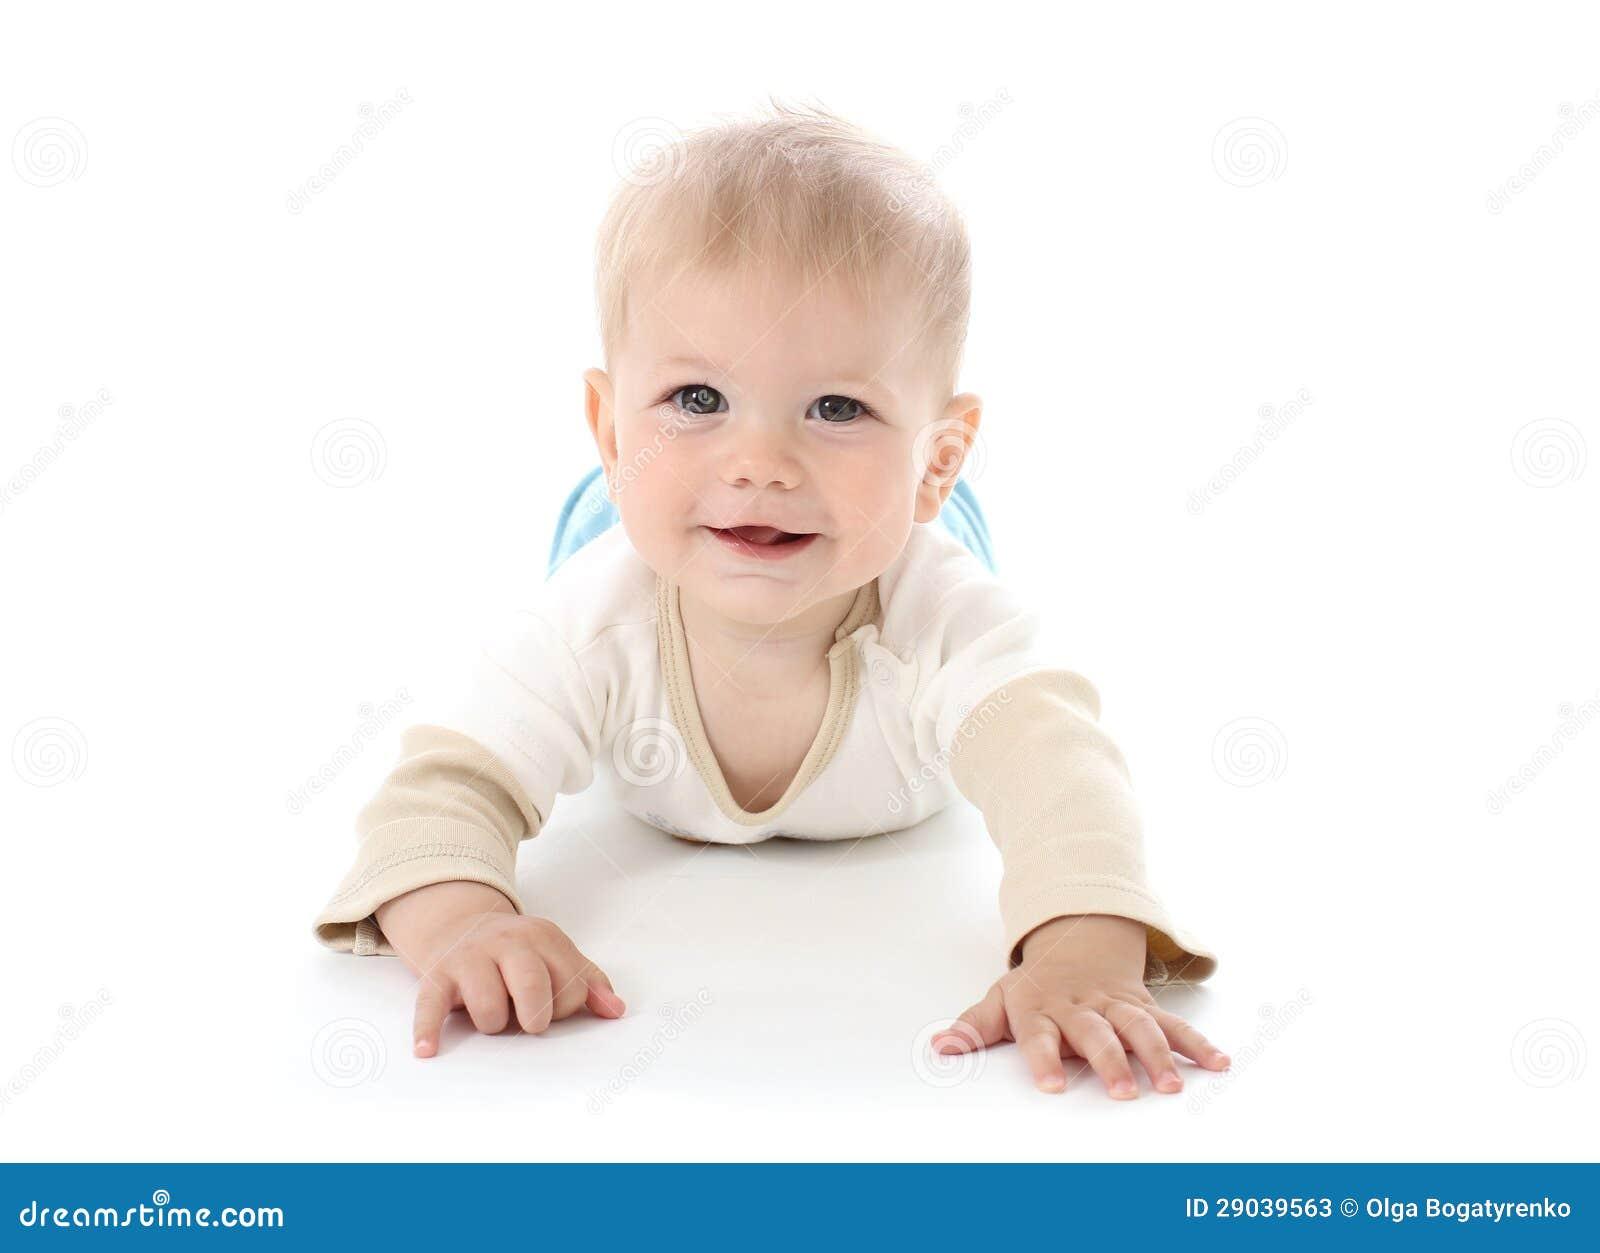 Bebé feliz sonriente en blanco